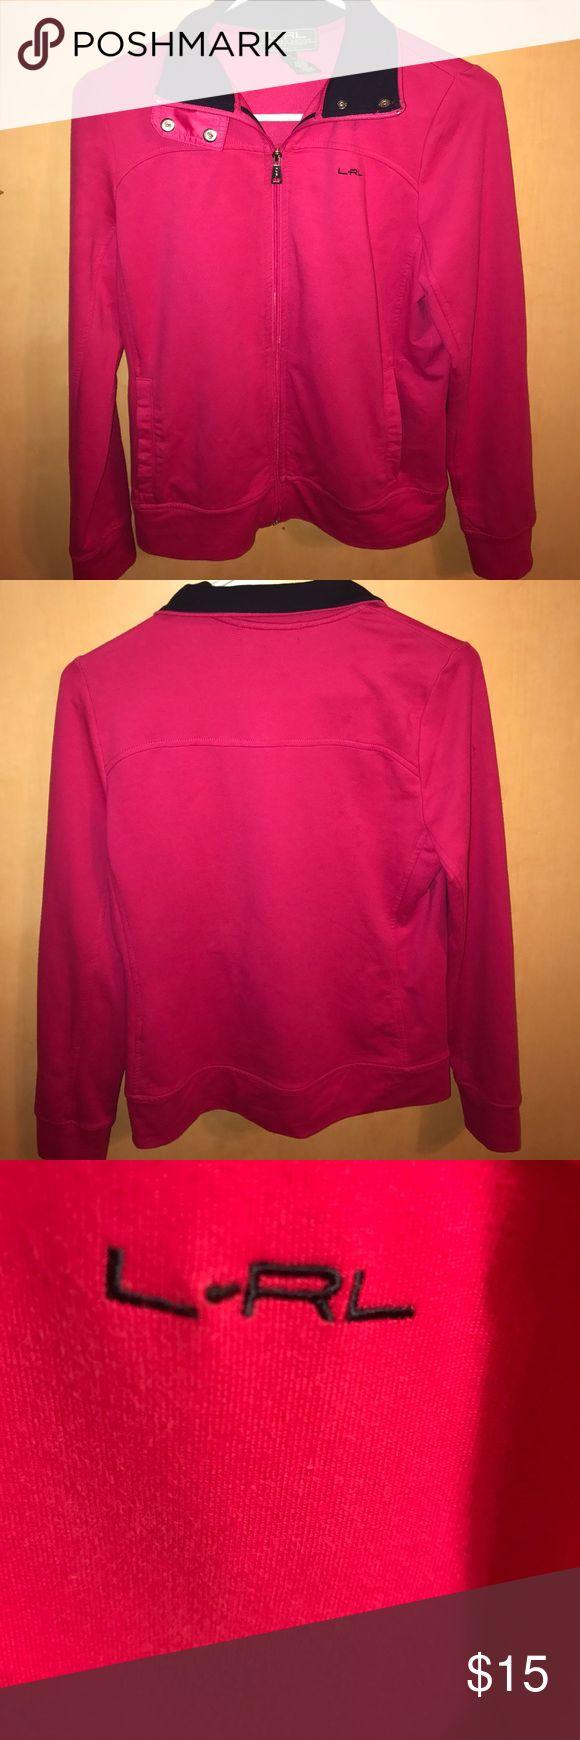 Ralph Lauren petites activewear pm pink and black Ralph Lauren activewear black and pink Lauren Ralph Lauren Jackets & Coats